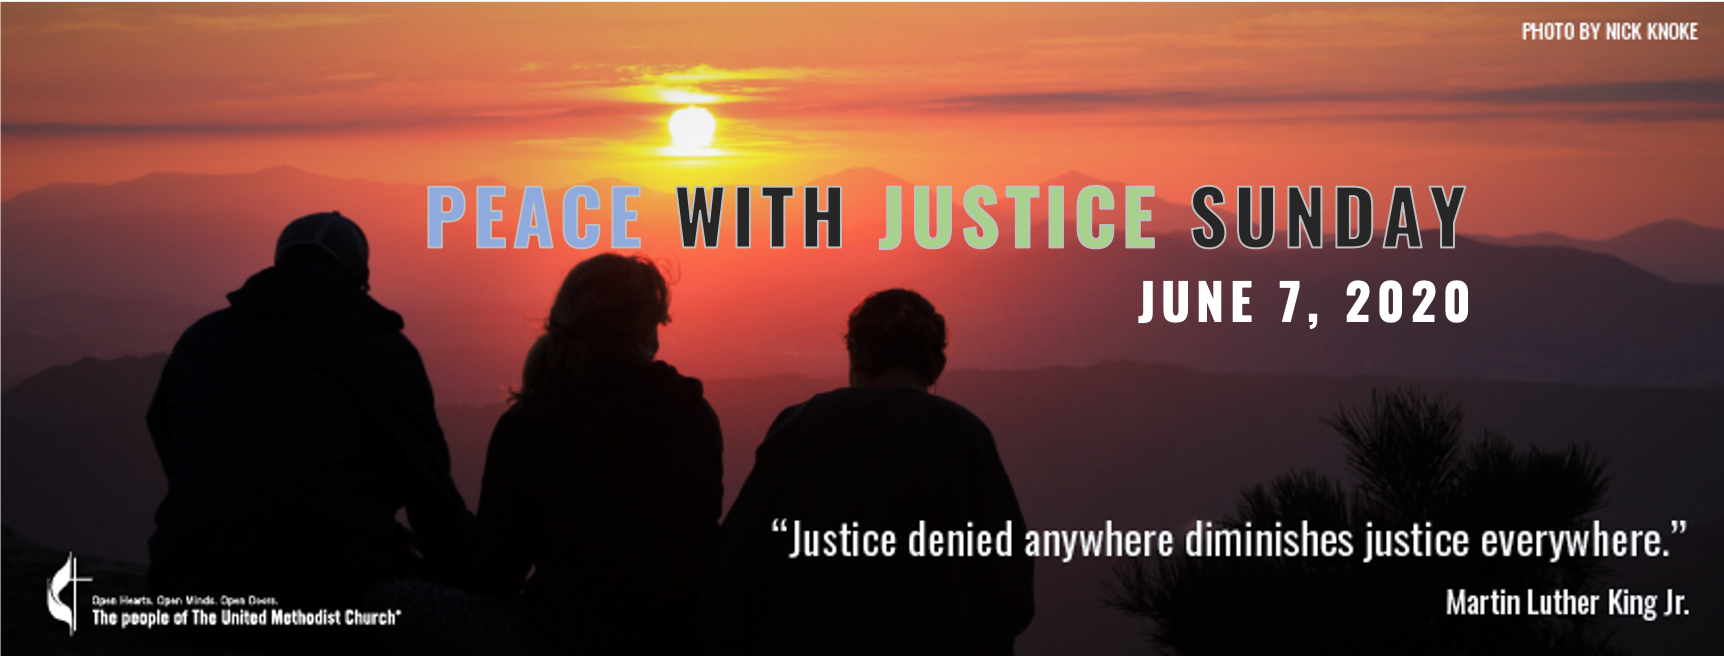 peacewjustice